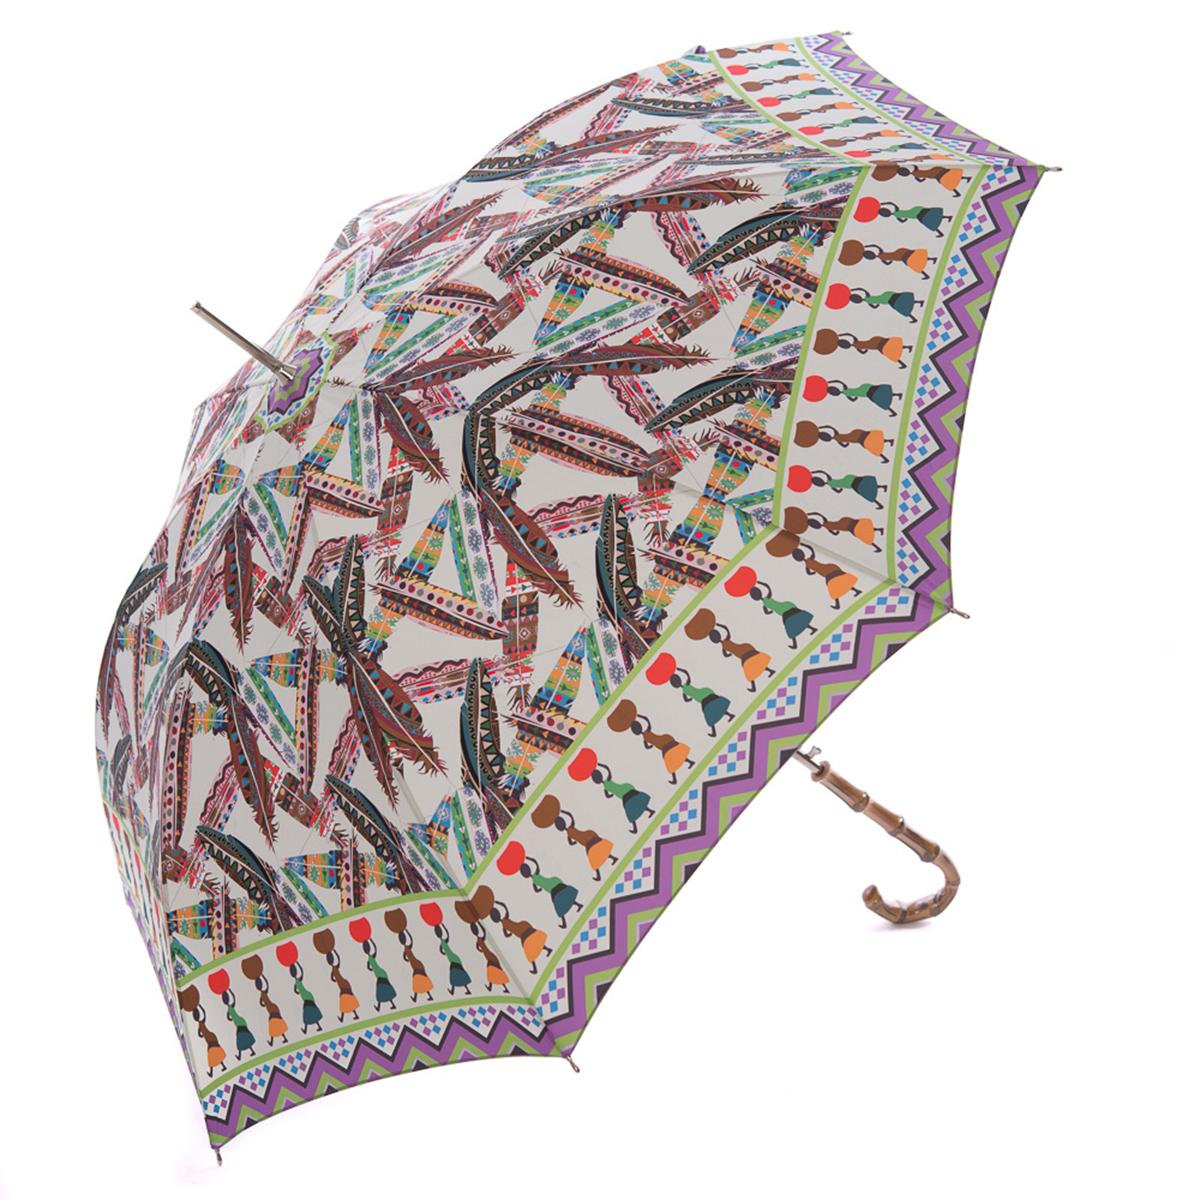 Зонт-трость женский Stilla, цвет: белый, мультиколор. 739/2 autoCX1516-50-10Зонт-трость Stilla надежно защитит вас от дождя. Купол, оформленный оригинальным принтом, выполнен из высококачественного ПВХ, который не пропускает воду.Каркас зонта и спицы выполнены из высококарбонистой стали. Зонт имеет автоматический тип сложения: открывается и закрывается при нажатии на кнопку. Удобная ручка выполнена из пластика.